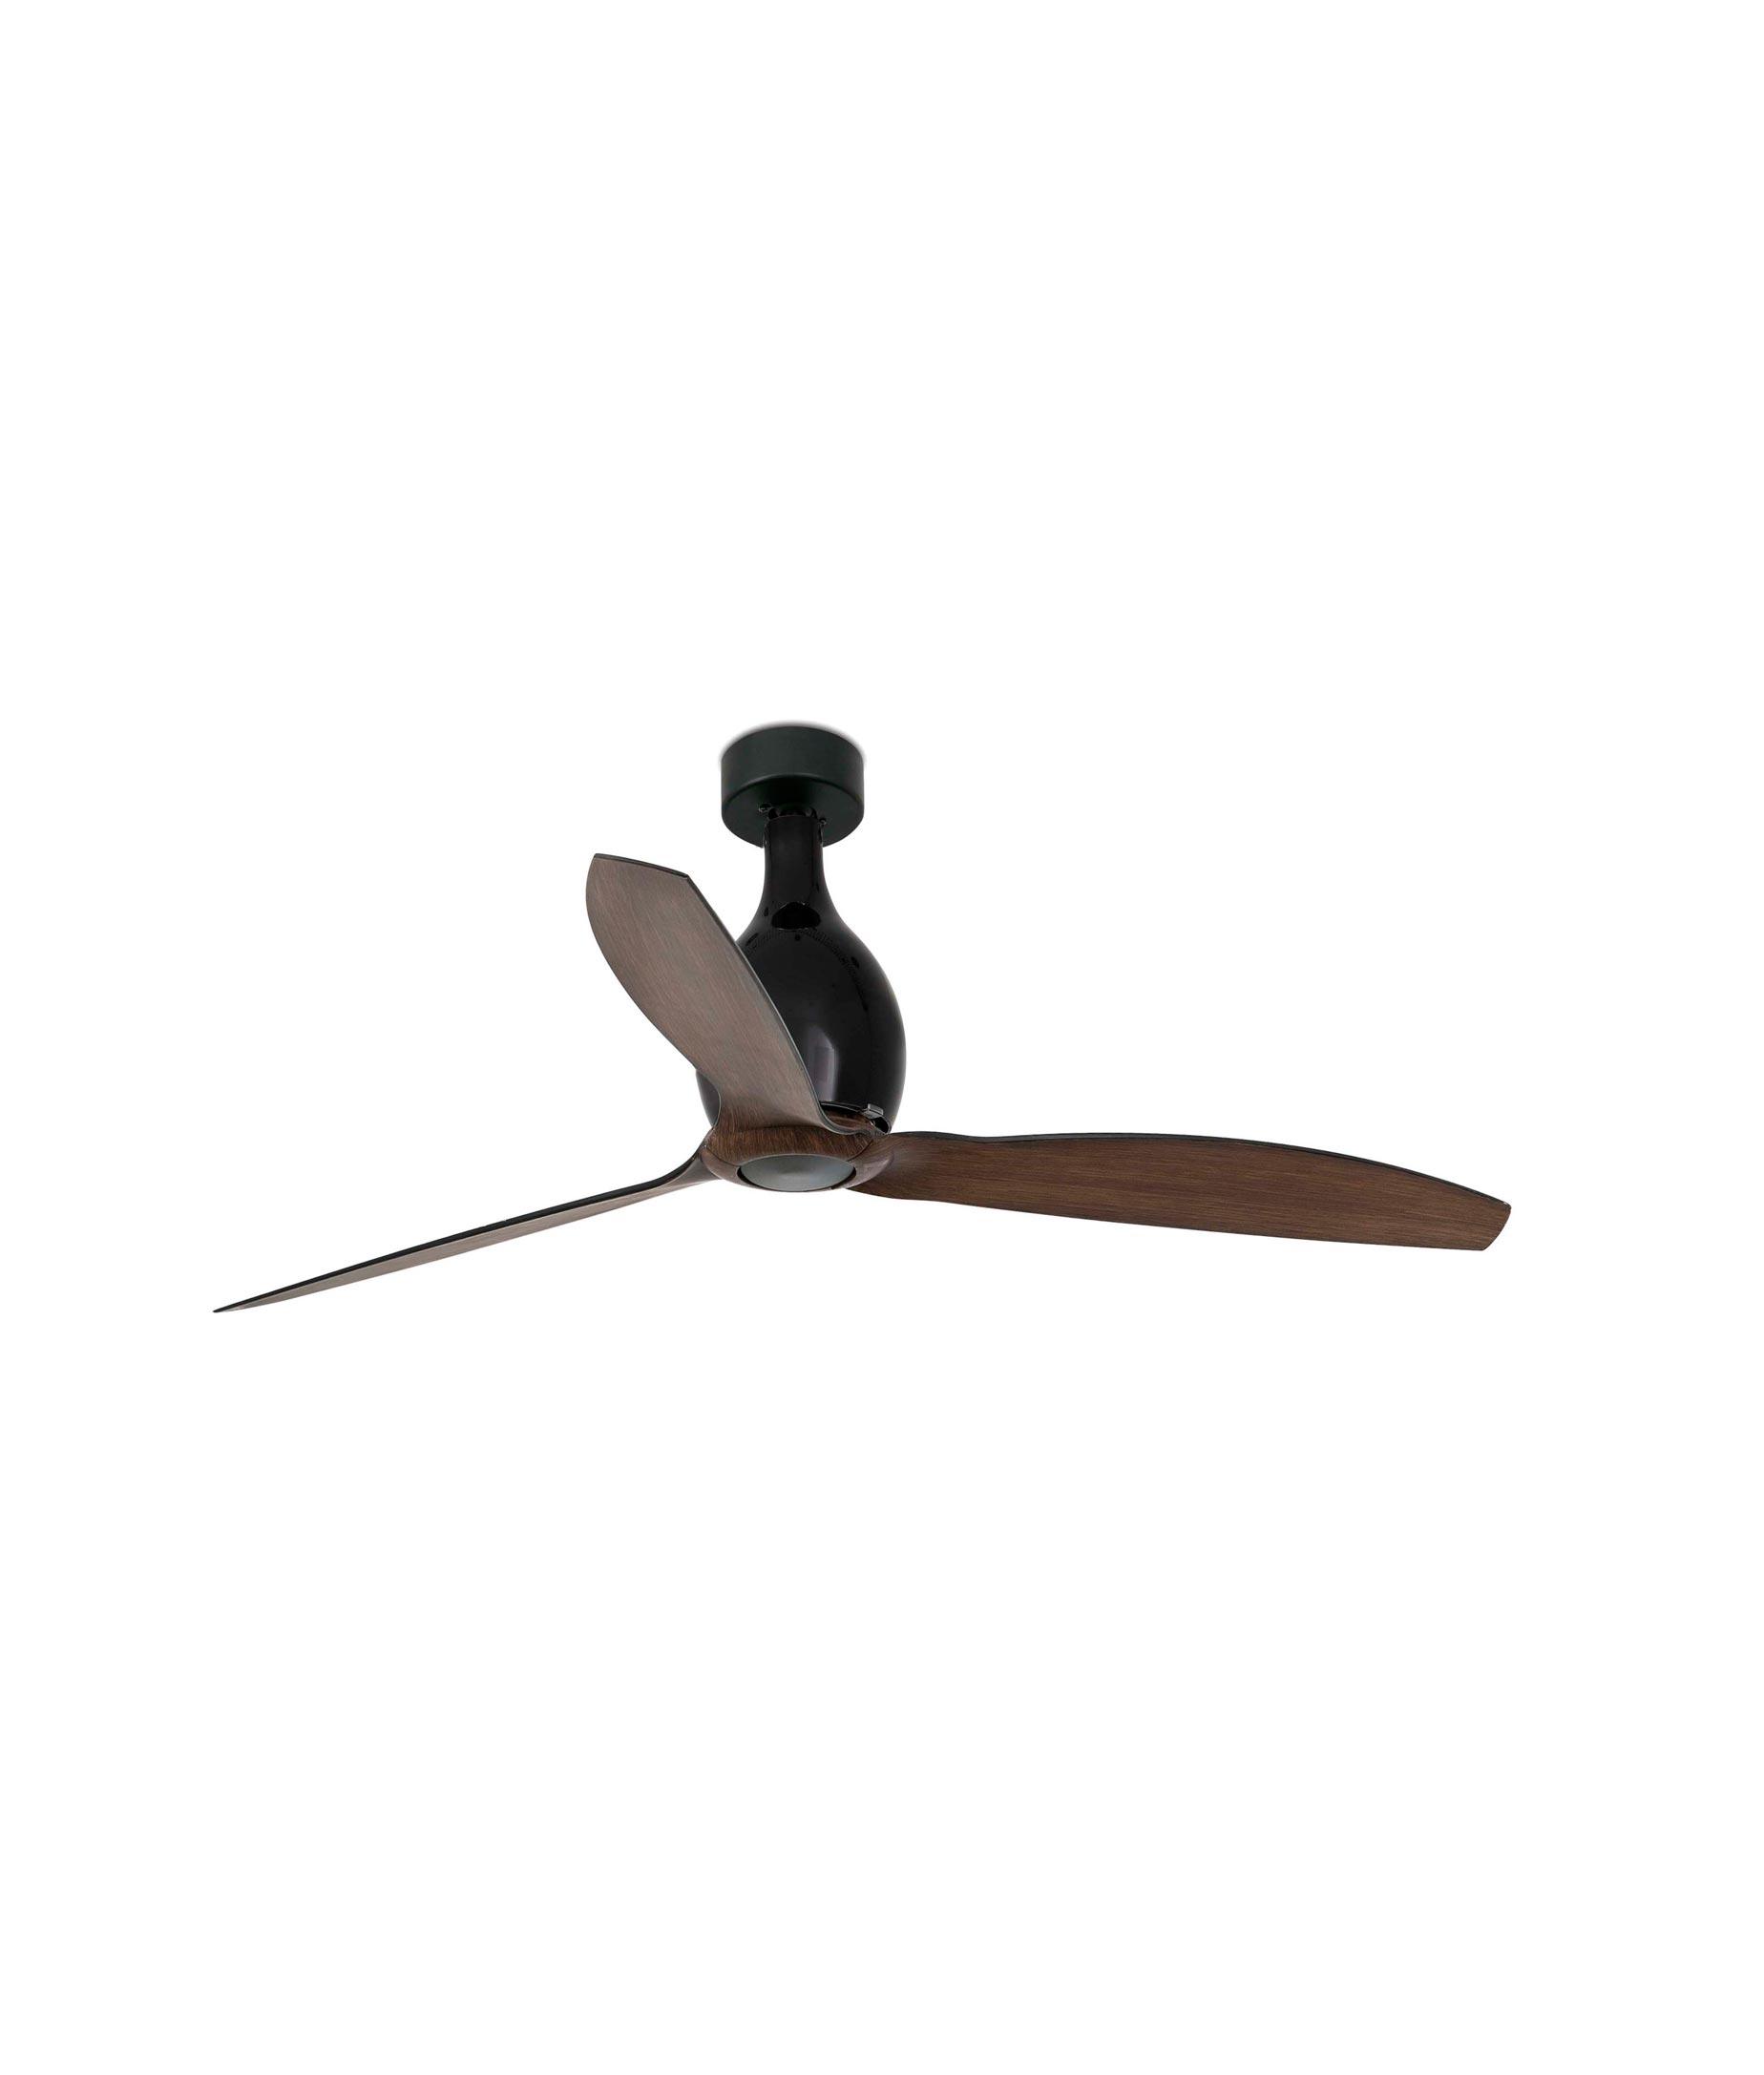 Ventilador de techo negro madera MINI ETERFAN